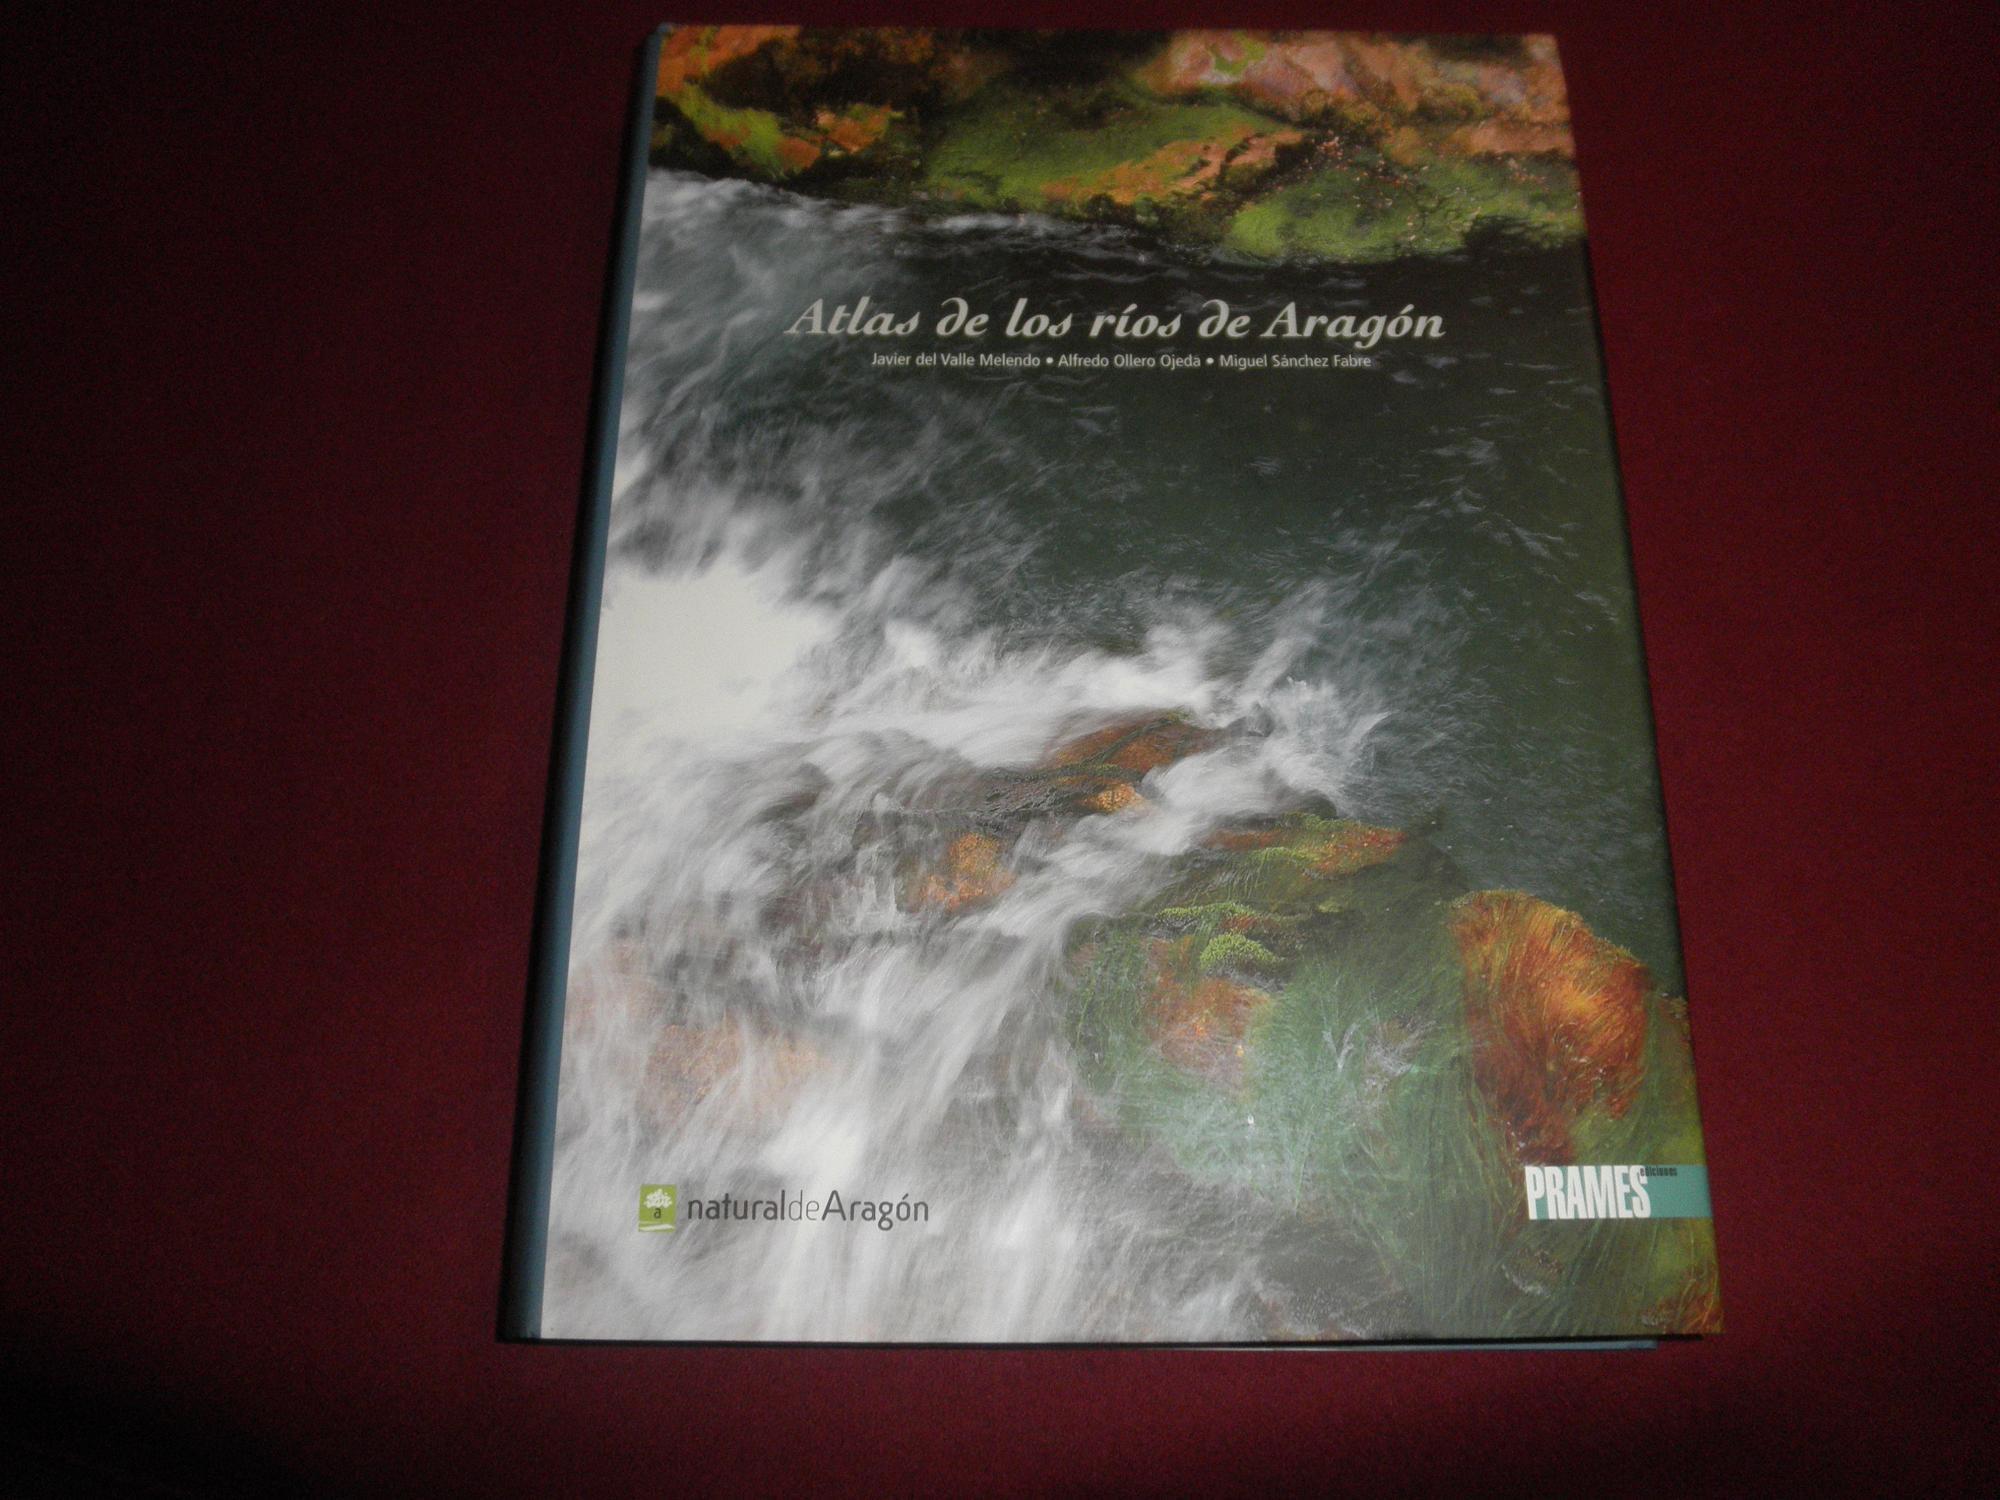 Atlas de los rios de Aragon: Javier Valle Melendo, Alfredo Ollero Ojeda y Miguel Sanchez Fabre